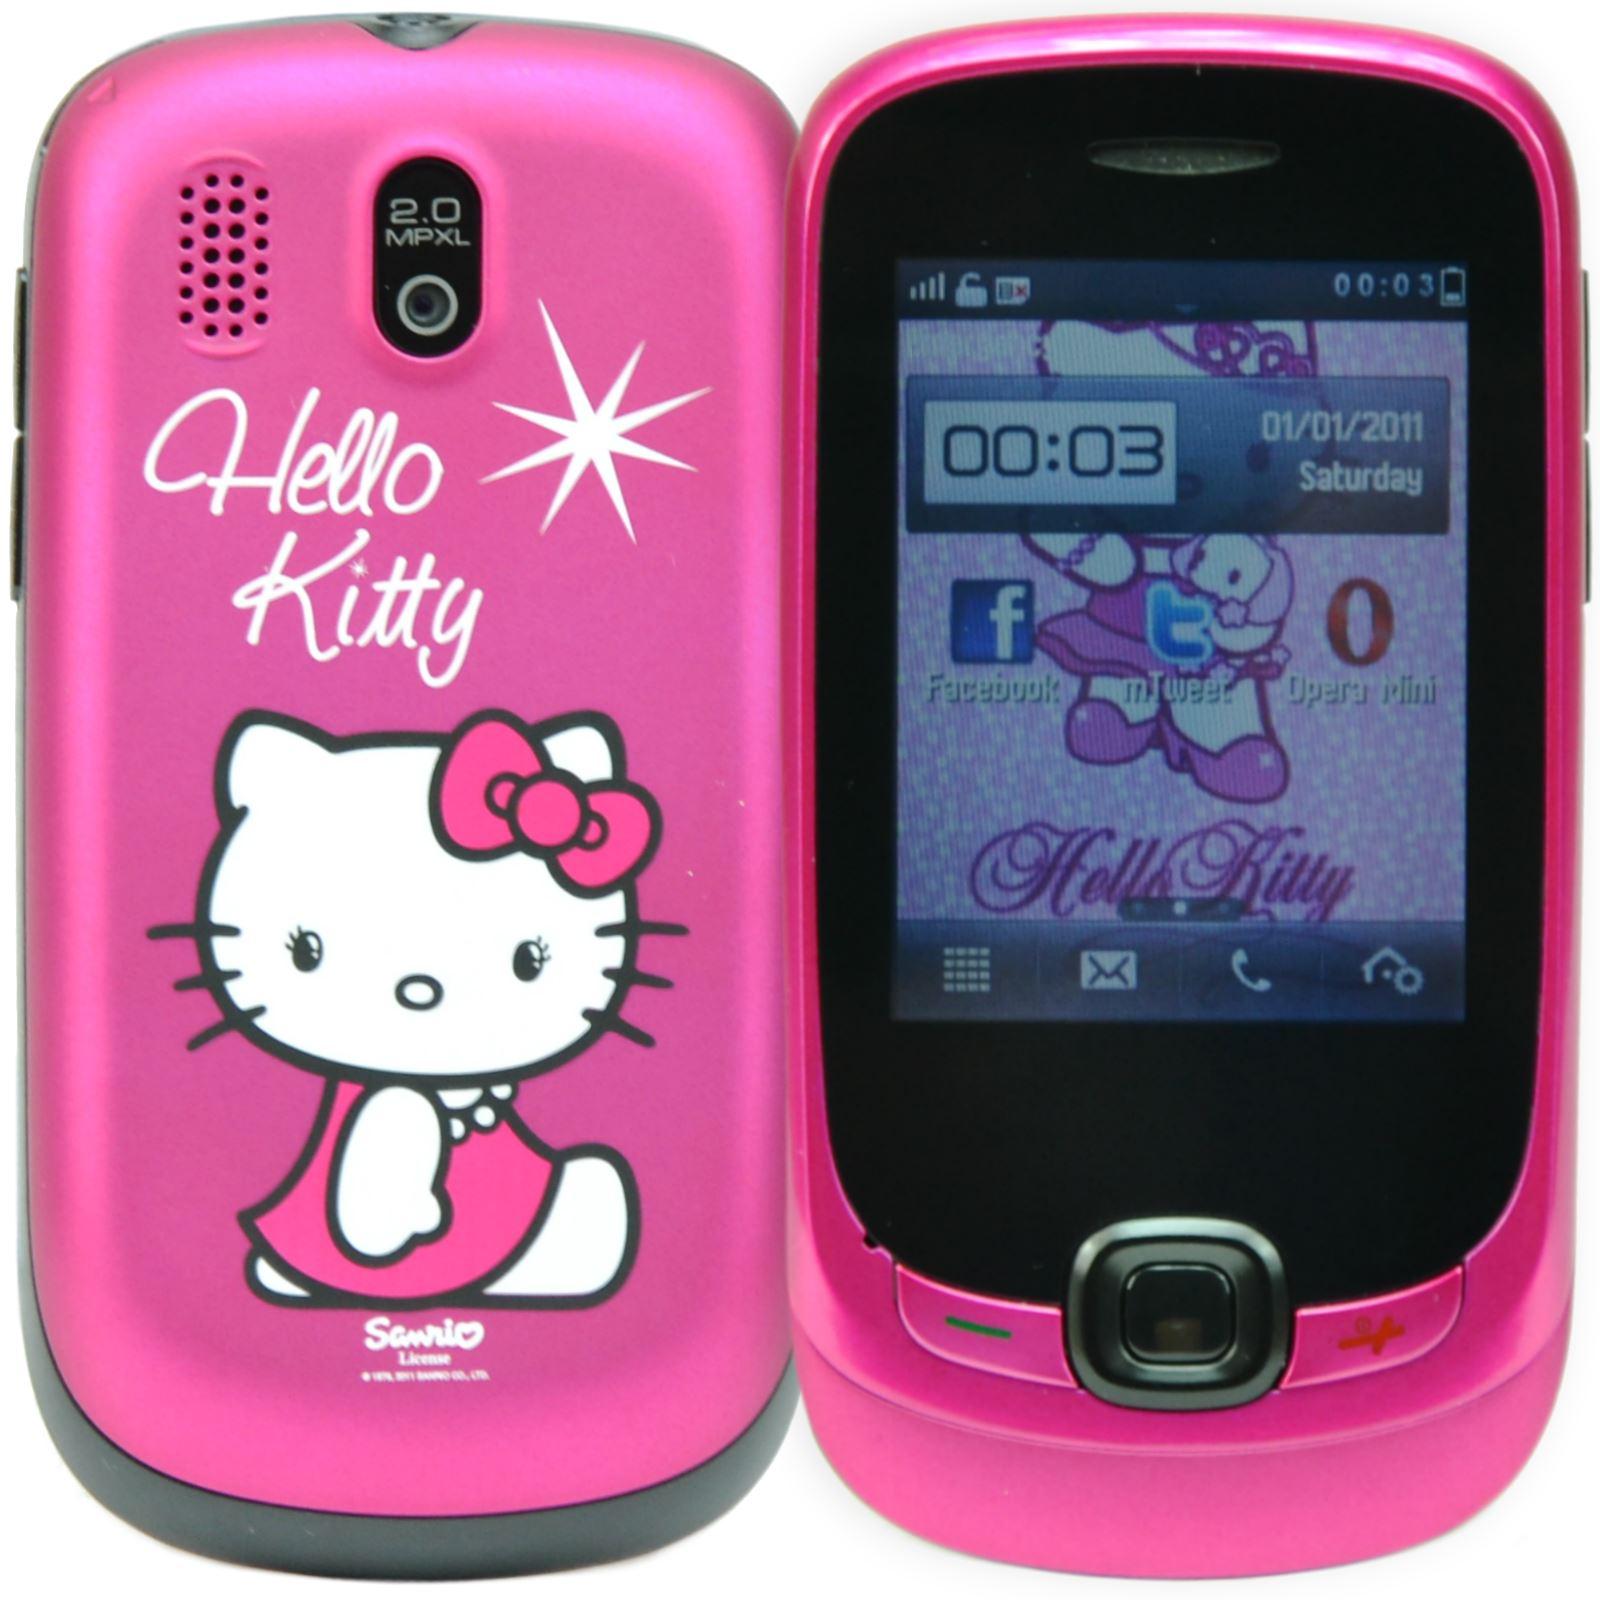 строительства картинки розового телефона самсунга этом случае